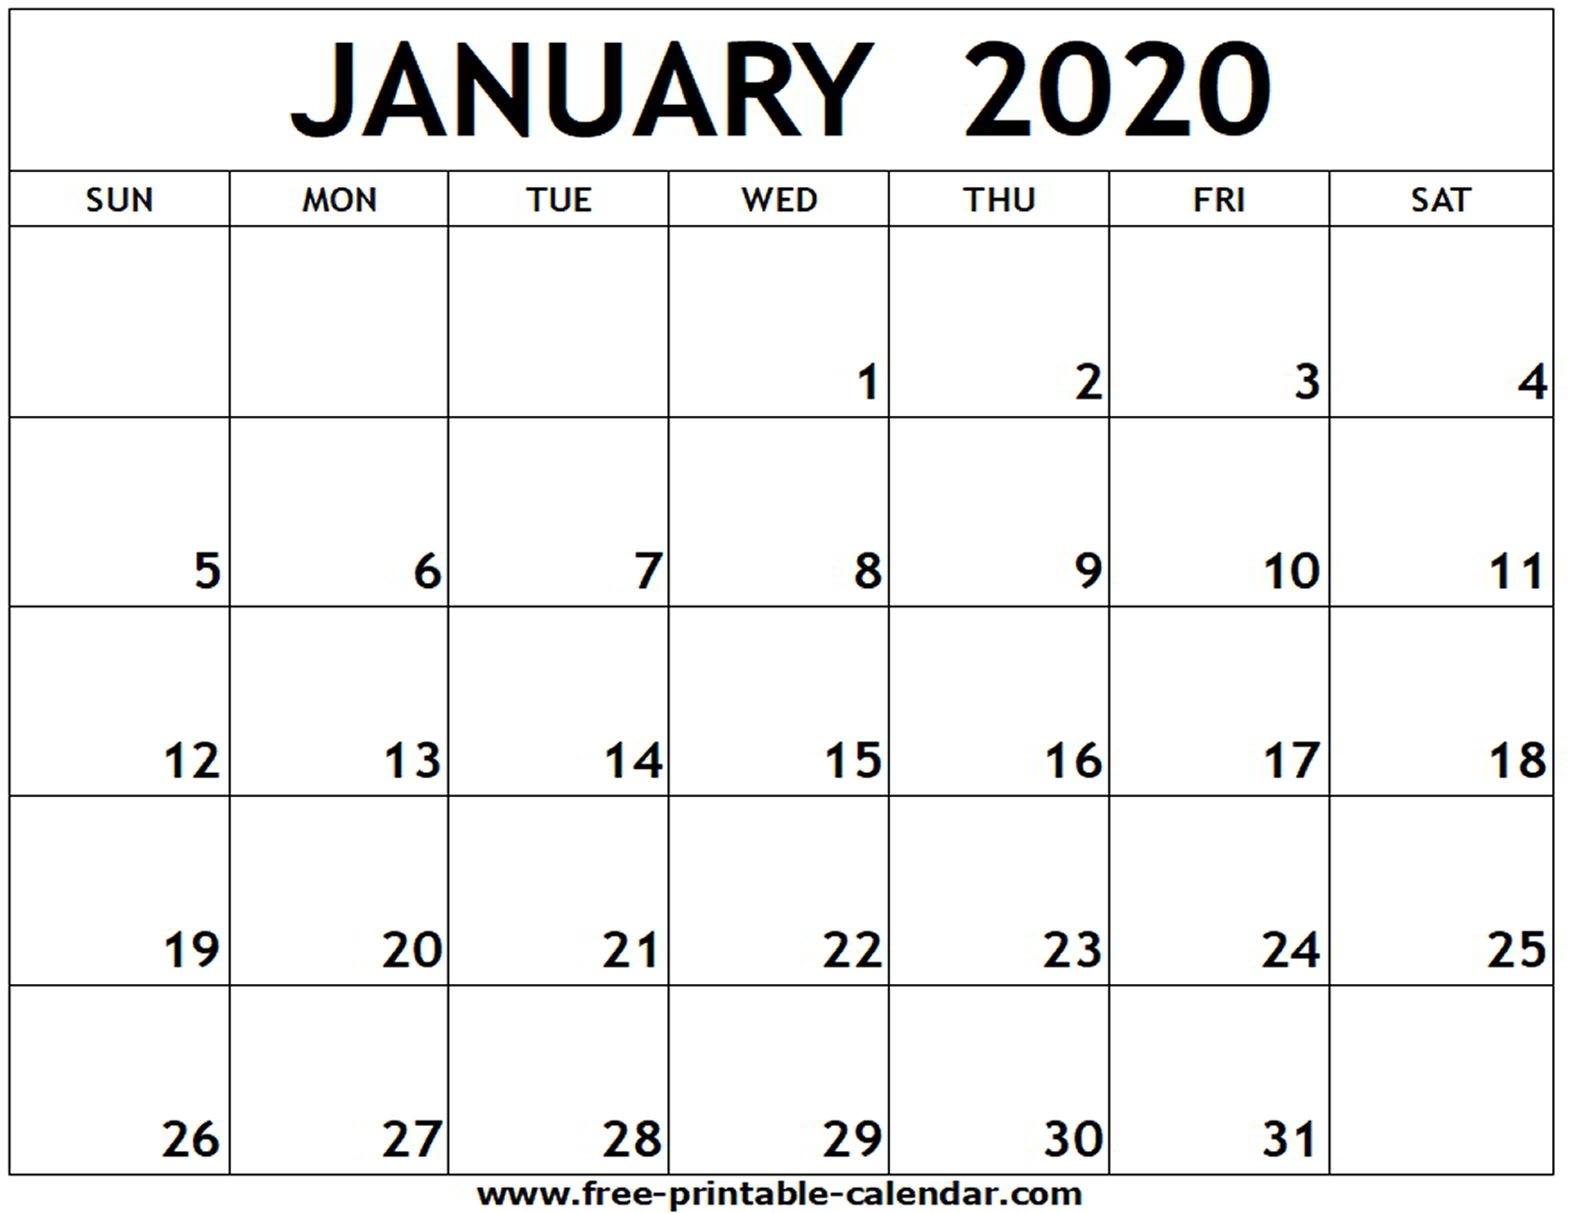 January 2020 Printable Calendar - Free-Printable-Calendar  Calendar 2020 Free Printable